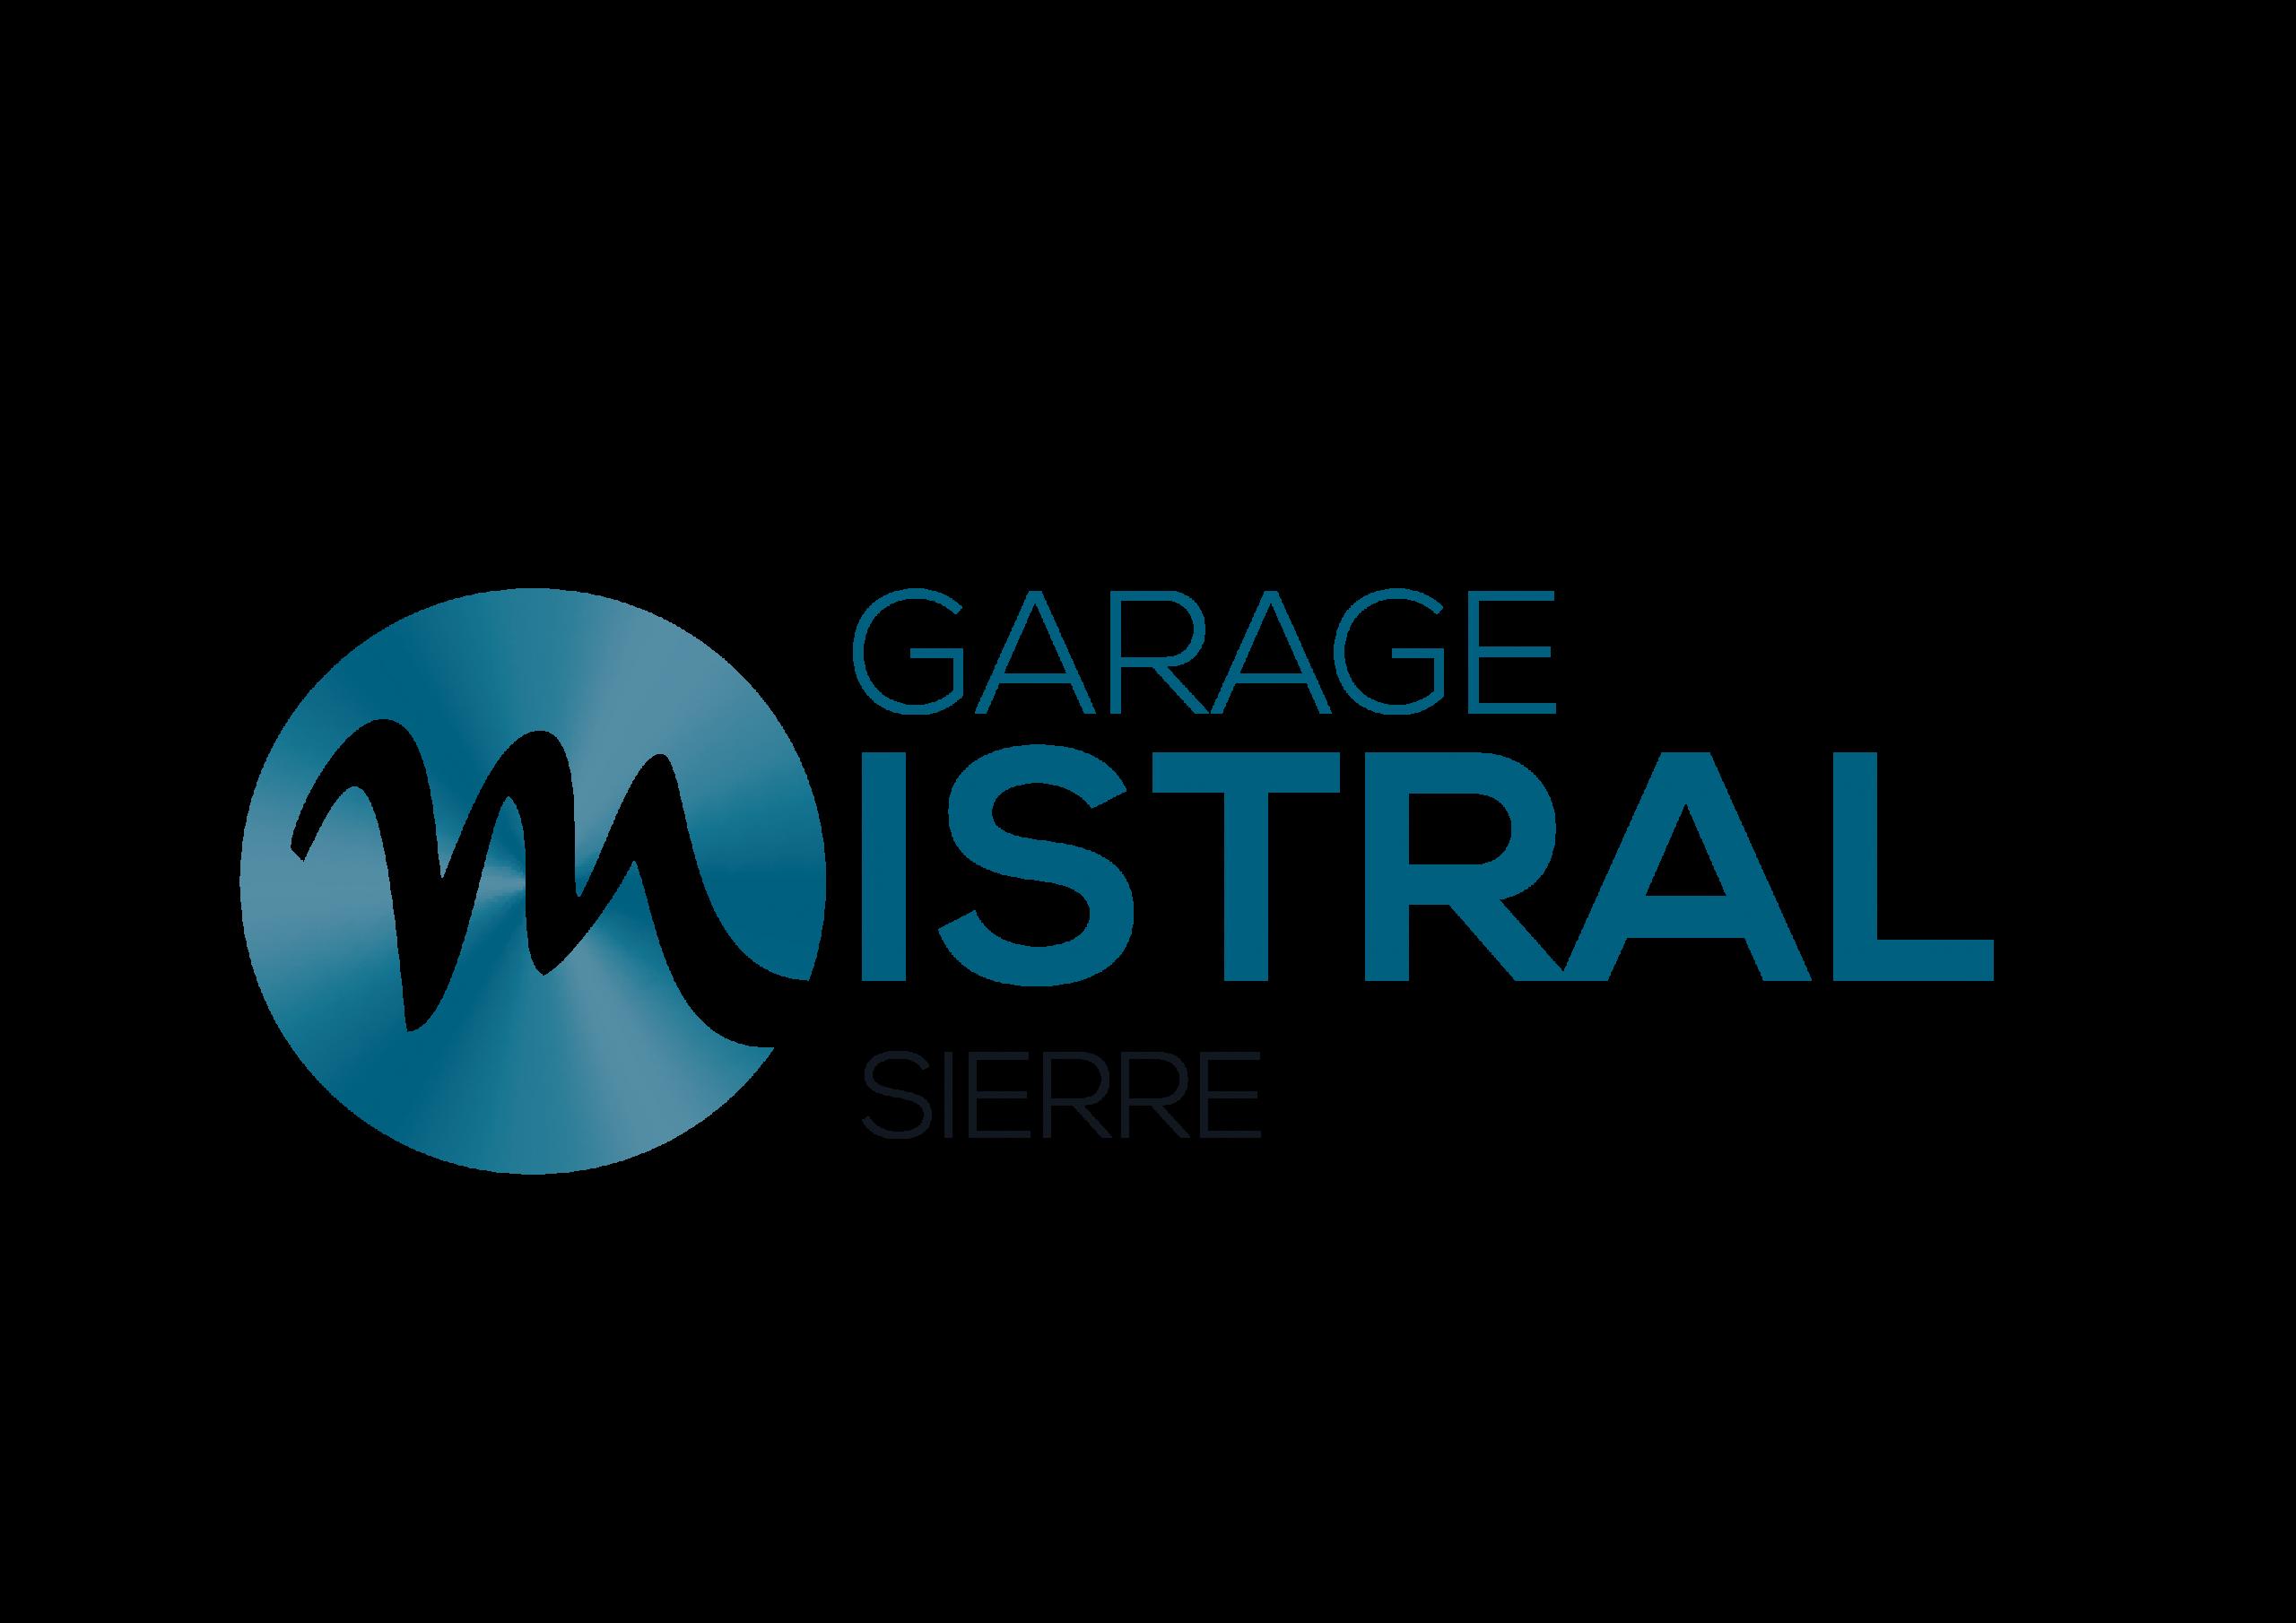 Logo Garage Mistral Sierre